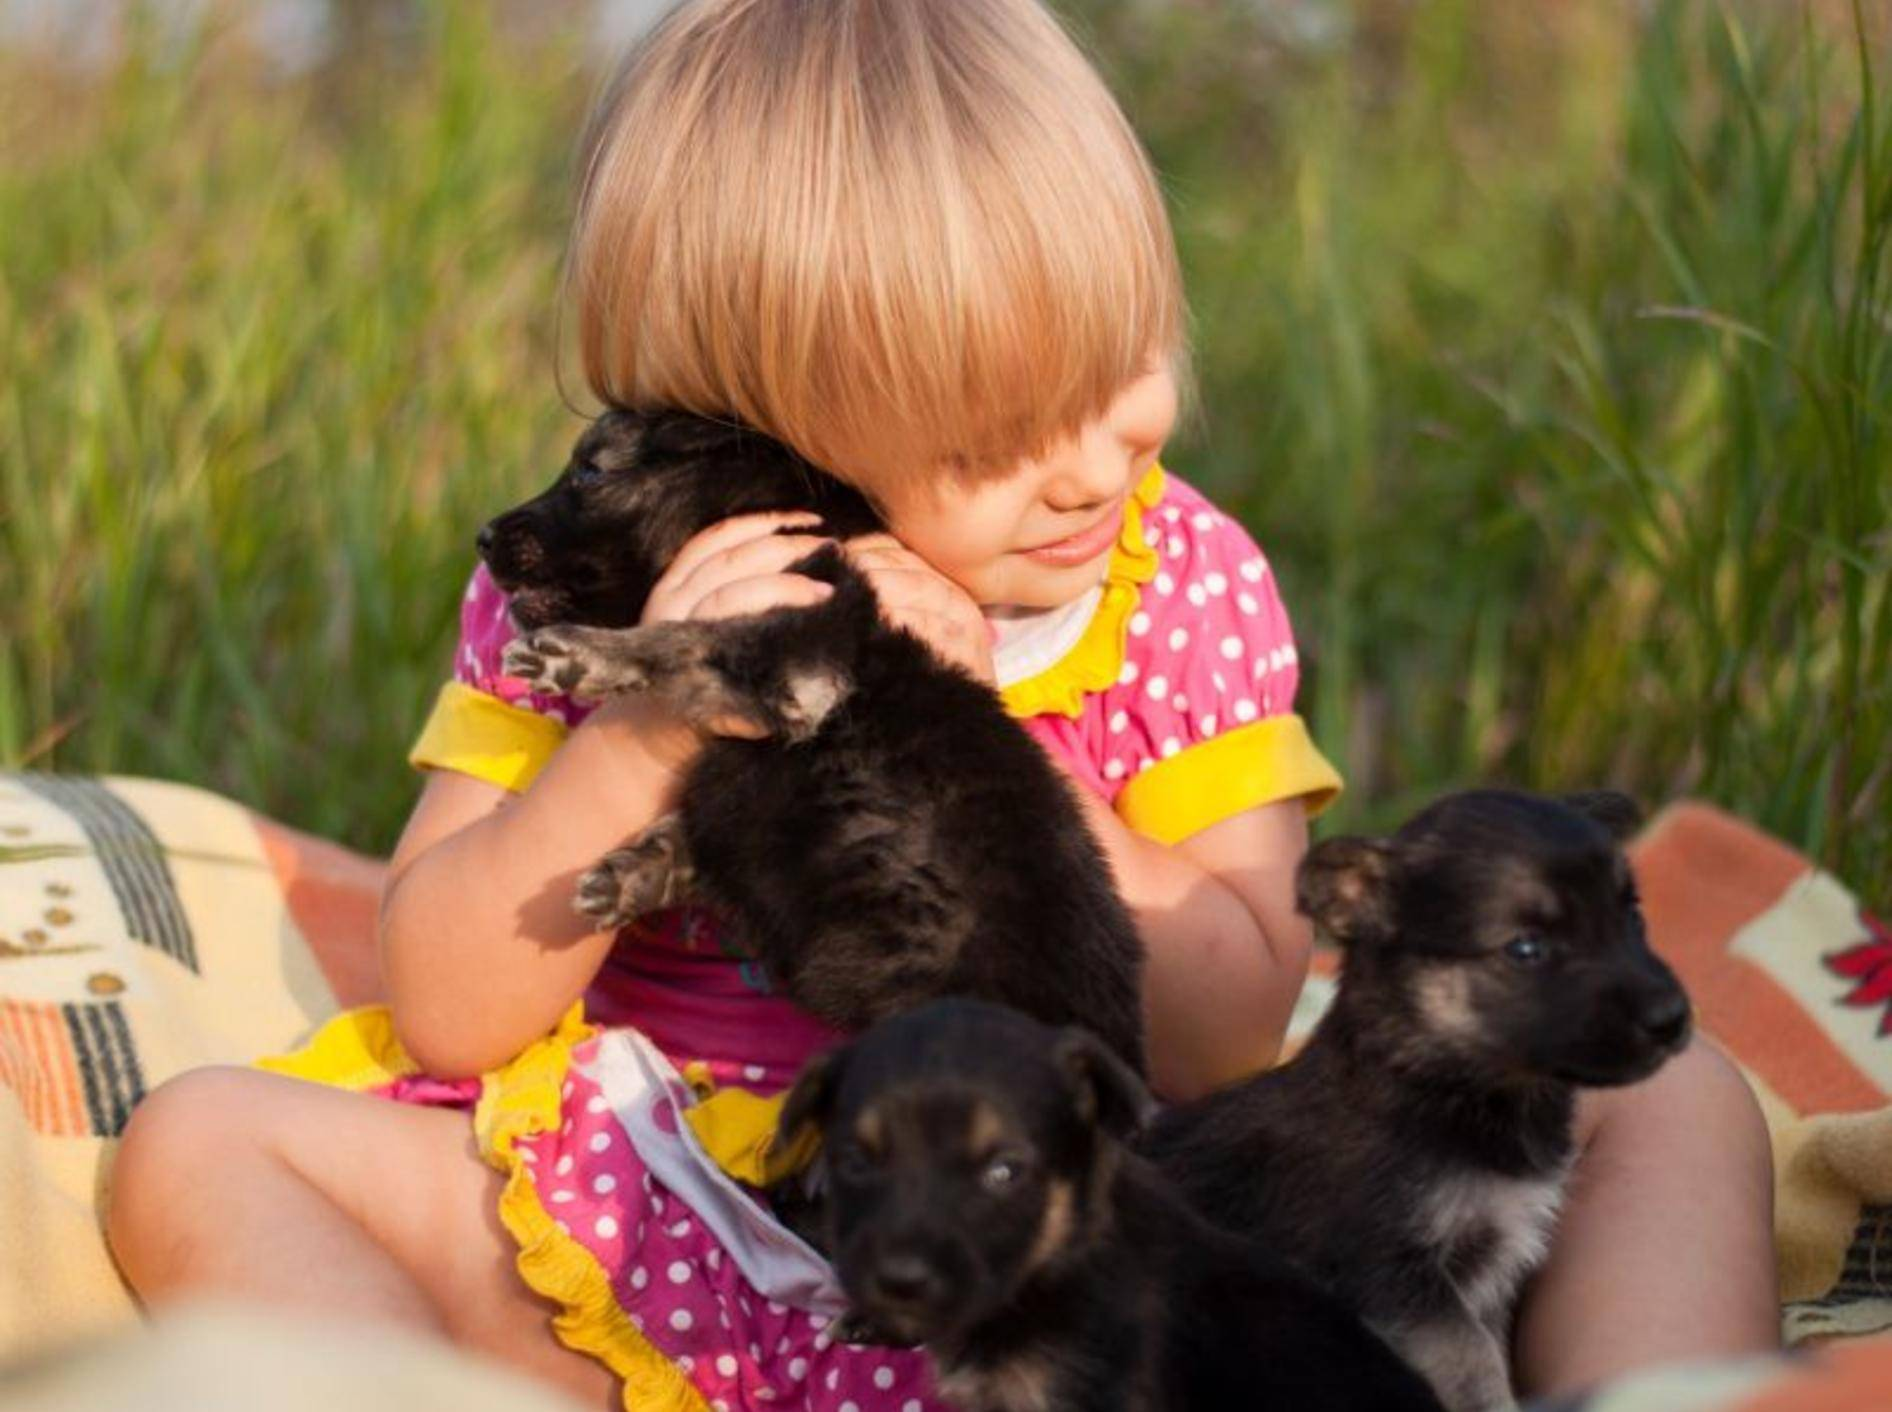 Süße Welpen und ein kleines Mädchen: Beginn einer wunderbaren Freundschaft — Bild: Shutterstock / BestPhotoPlus